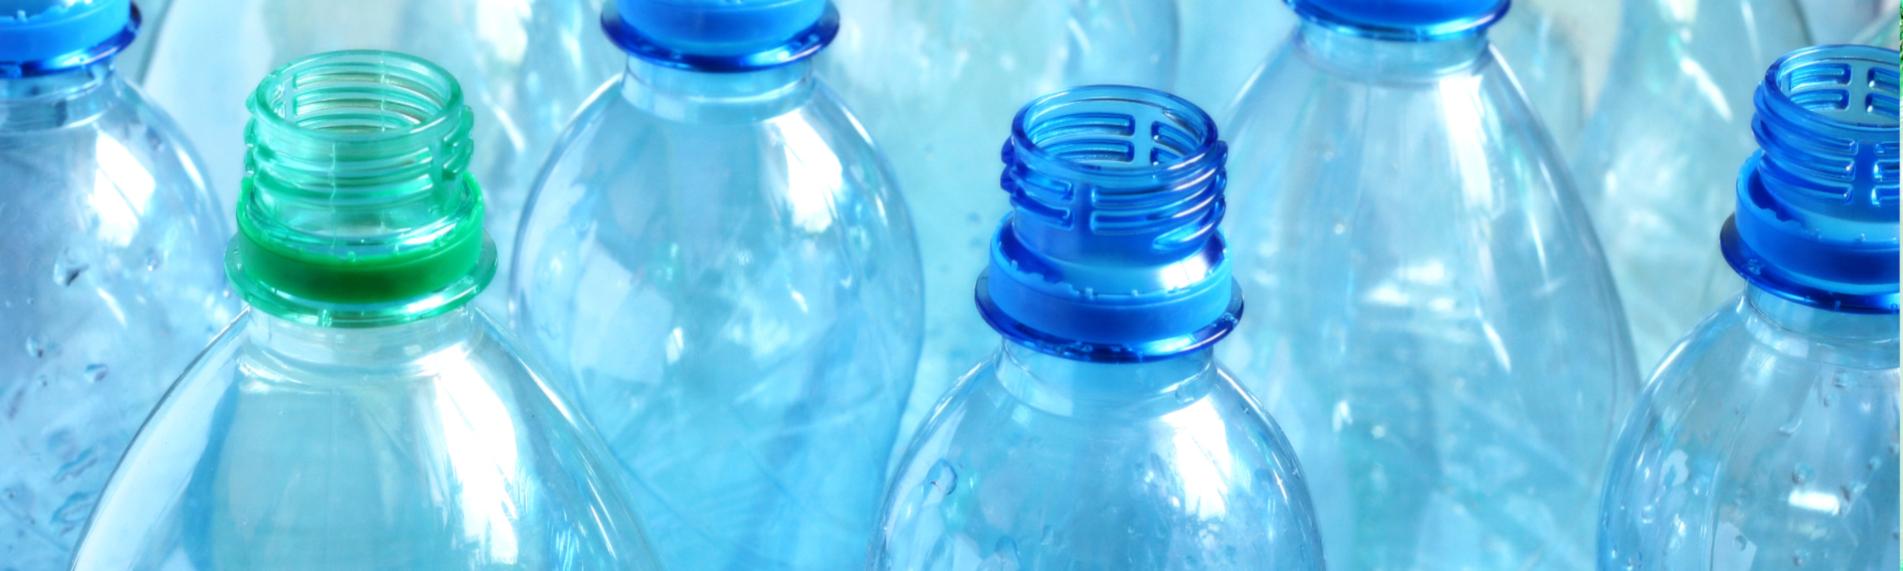 Kylning tar bort överskottsvärme och statisk elektricitet i plastproduktioner